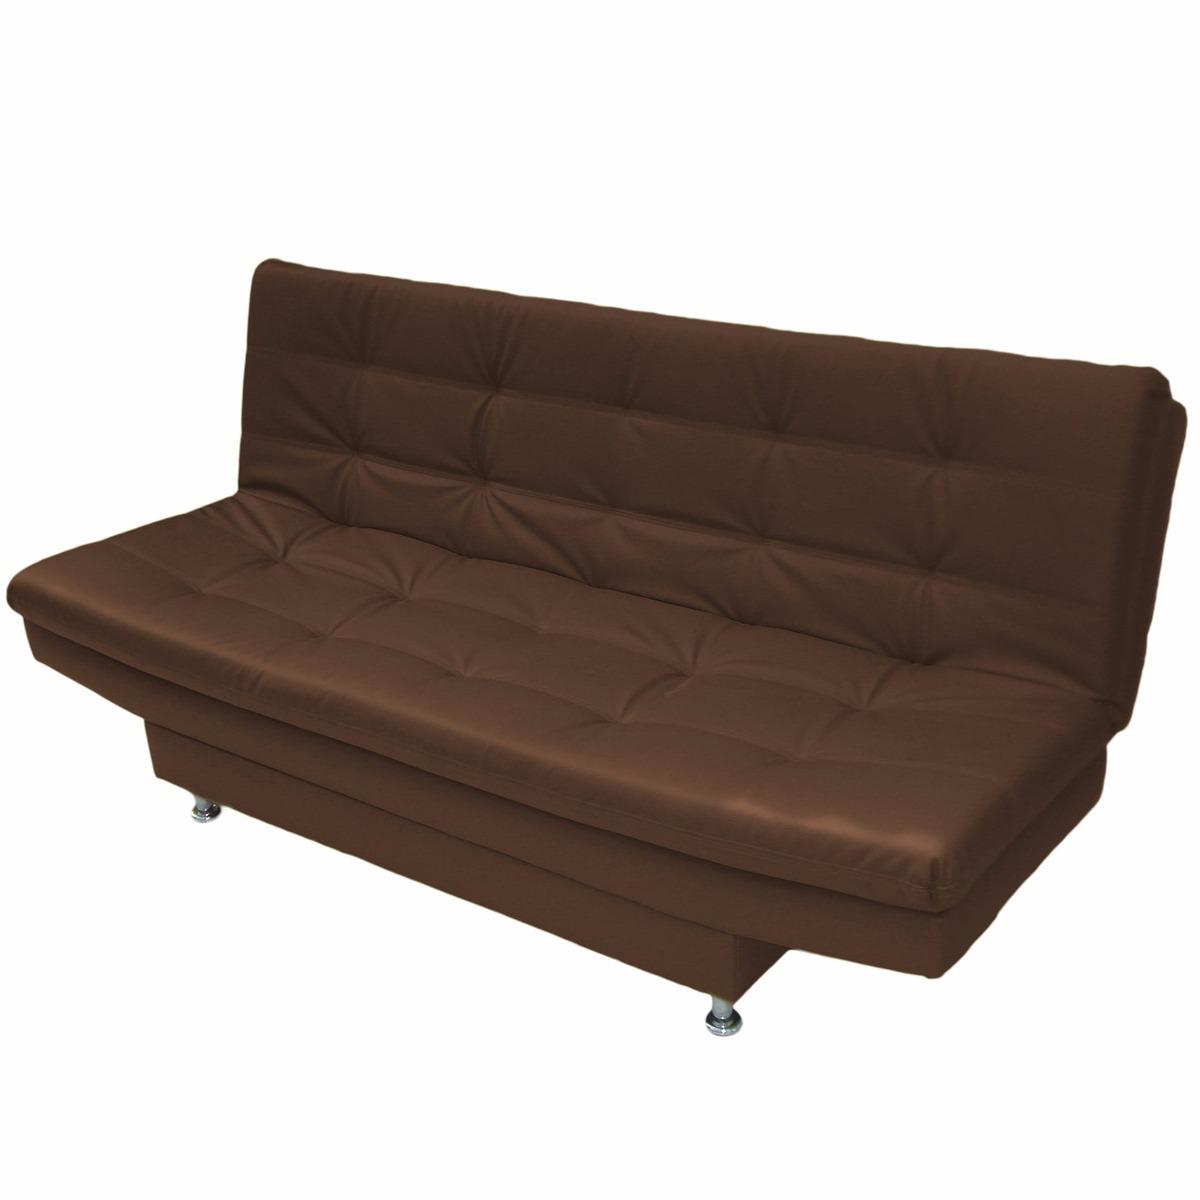 sofa cama bogota colombia eleanor furniture village camas modernos  review home decor